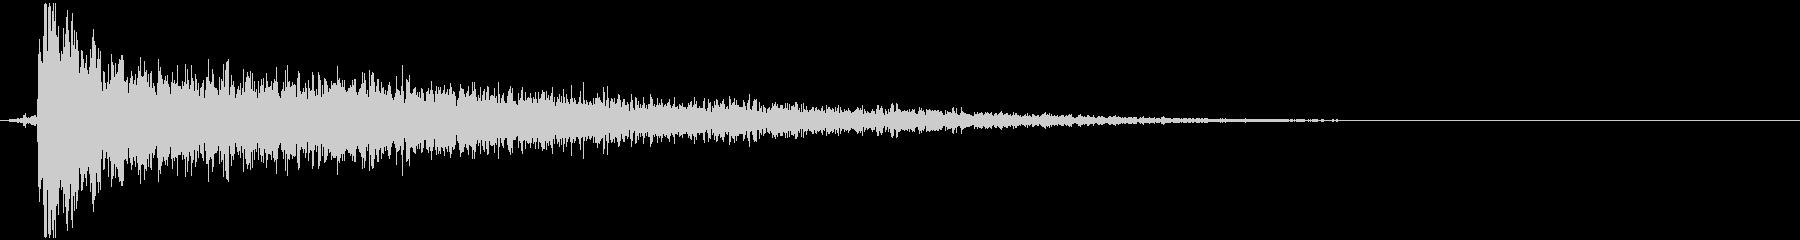 サンダー;ロングテールの巨大な拍手...の未再生の波形